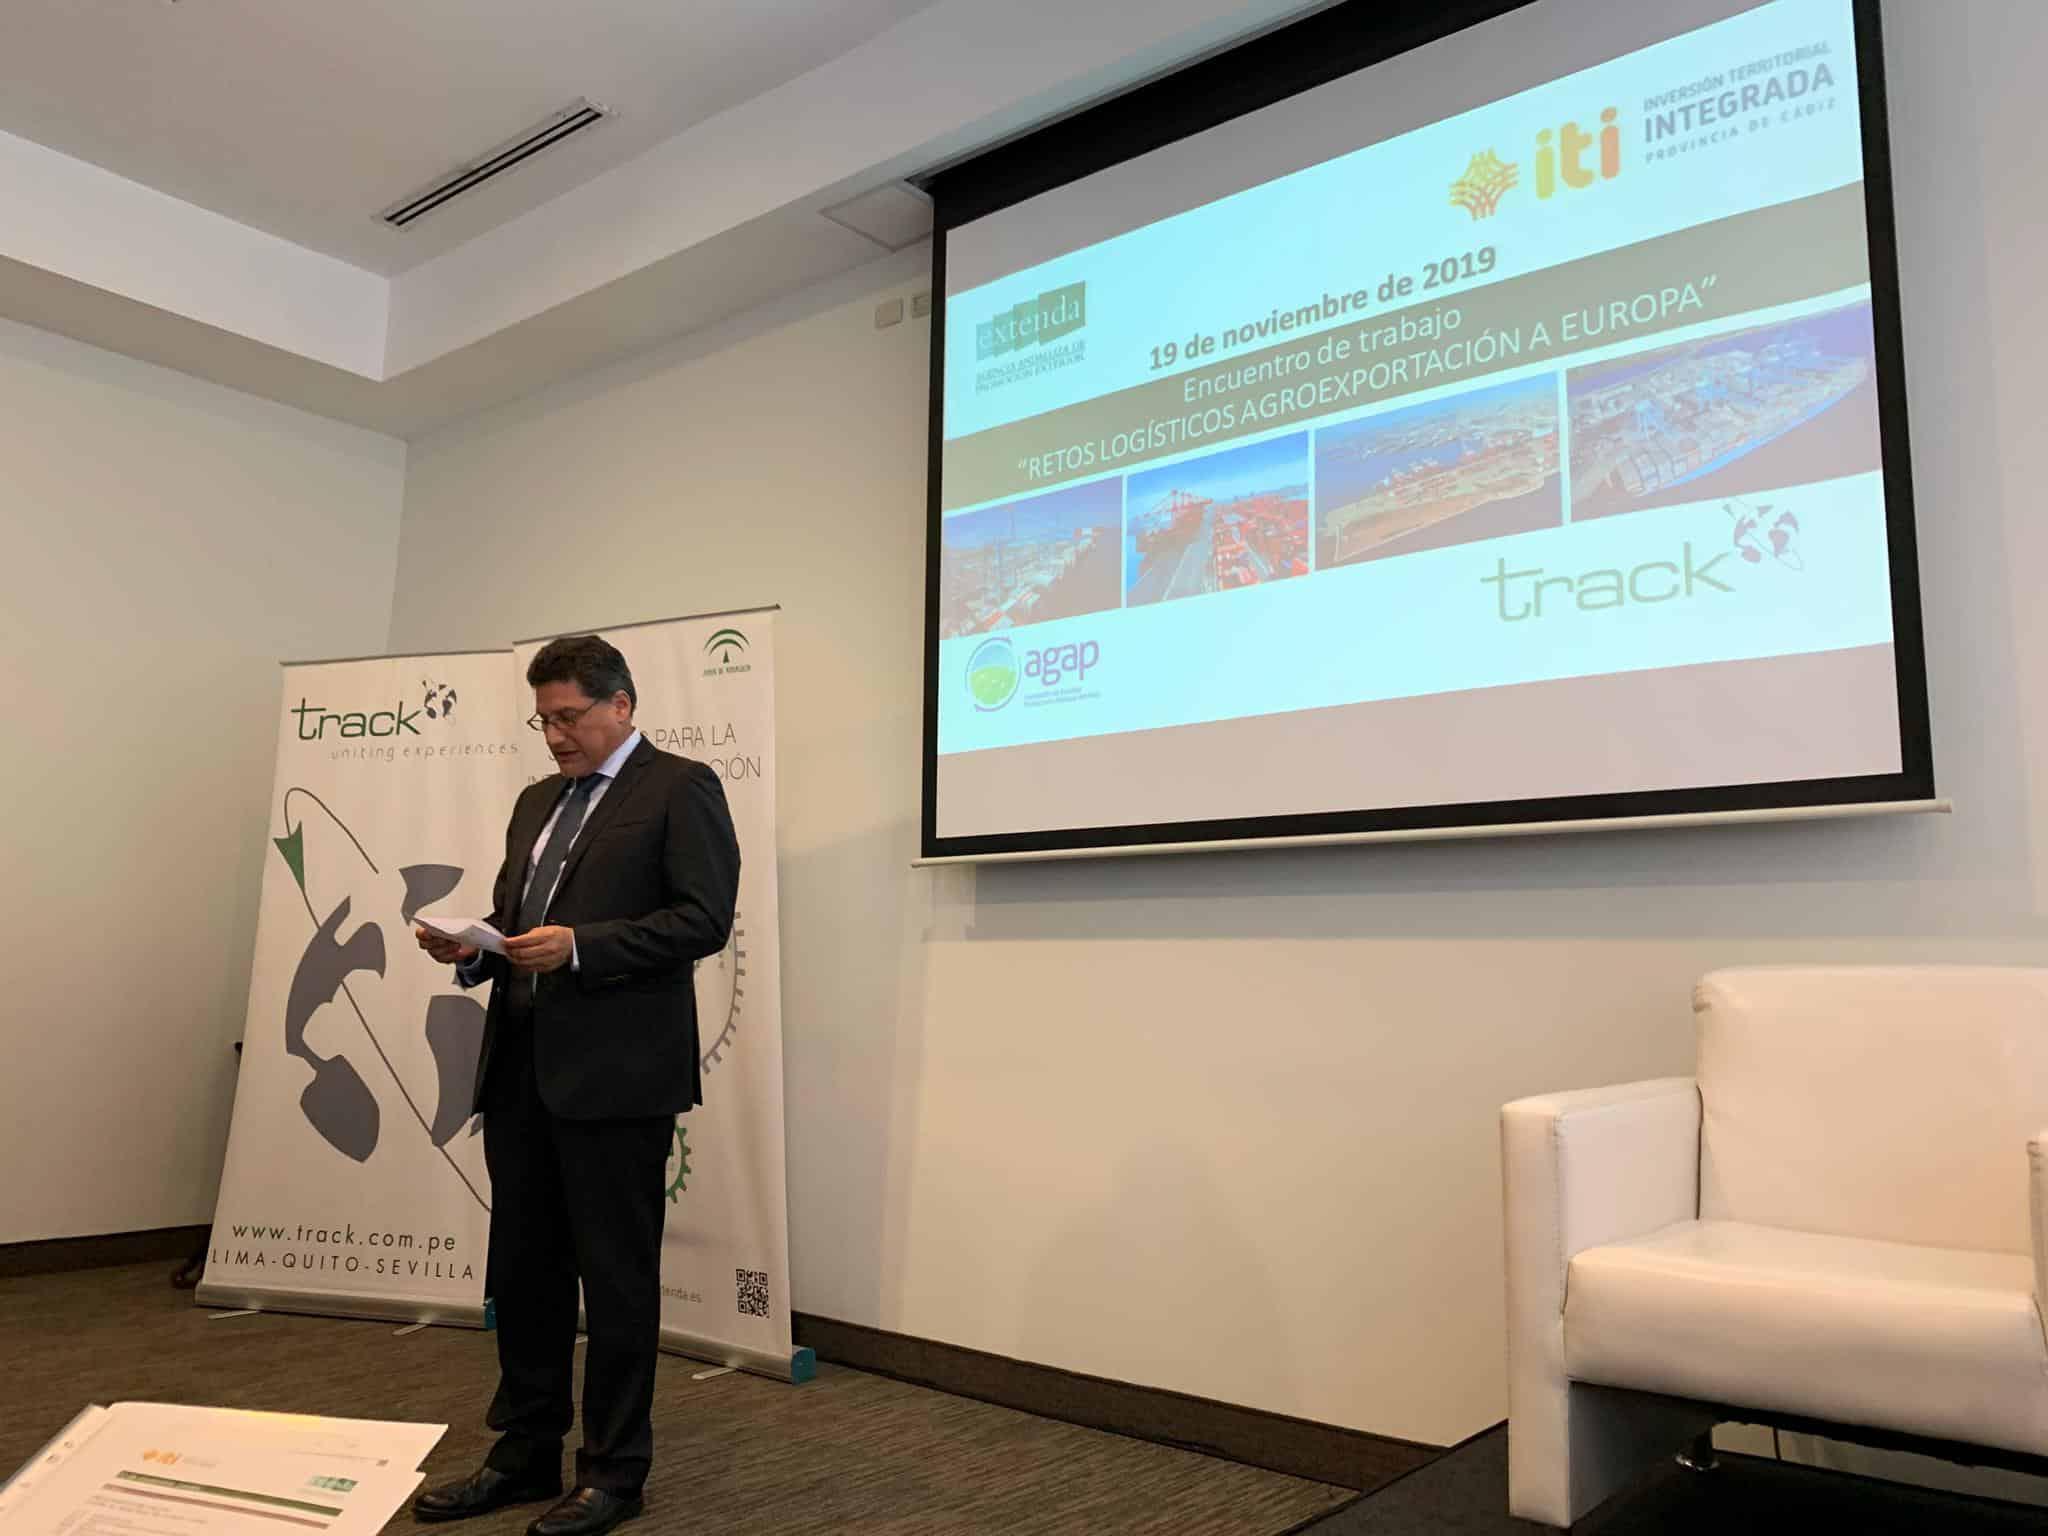 La agroexportación a Europa centra la primera jornada de la misión a Perú del puerto de Algeciras